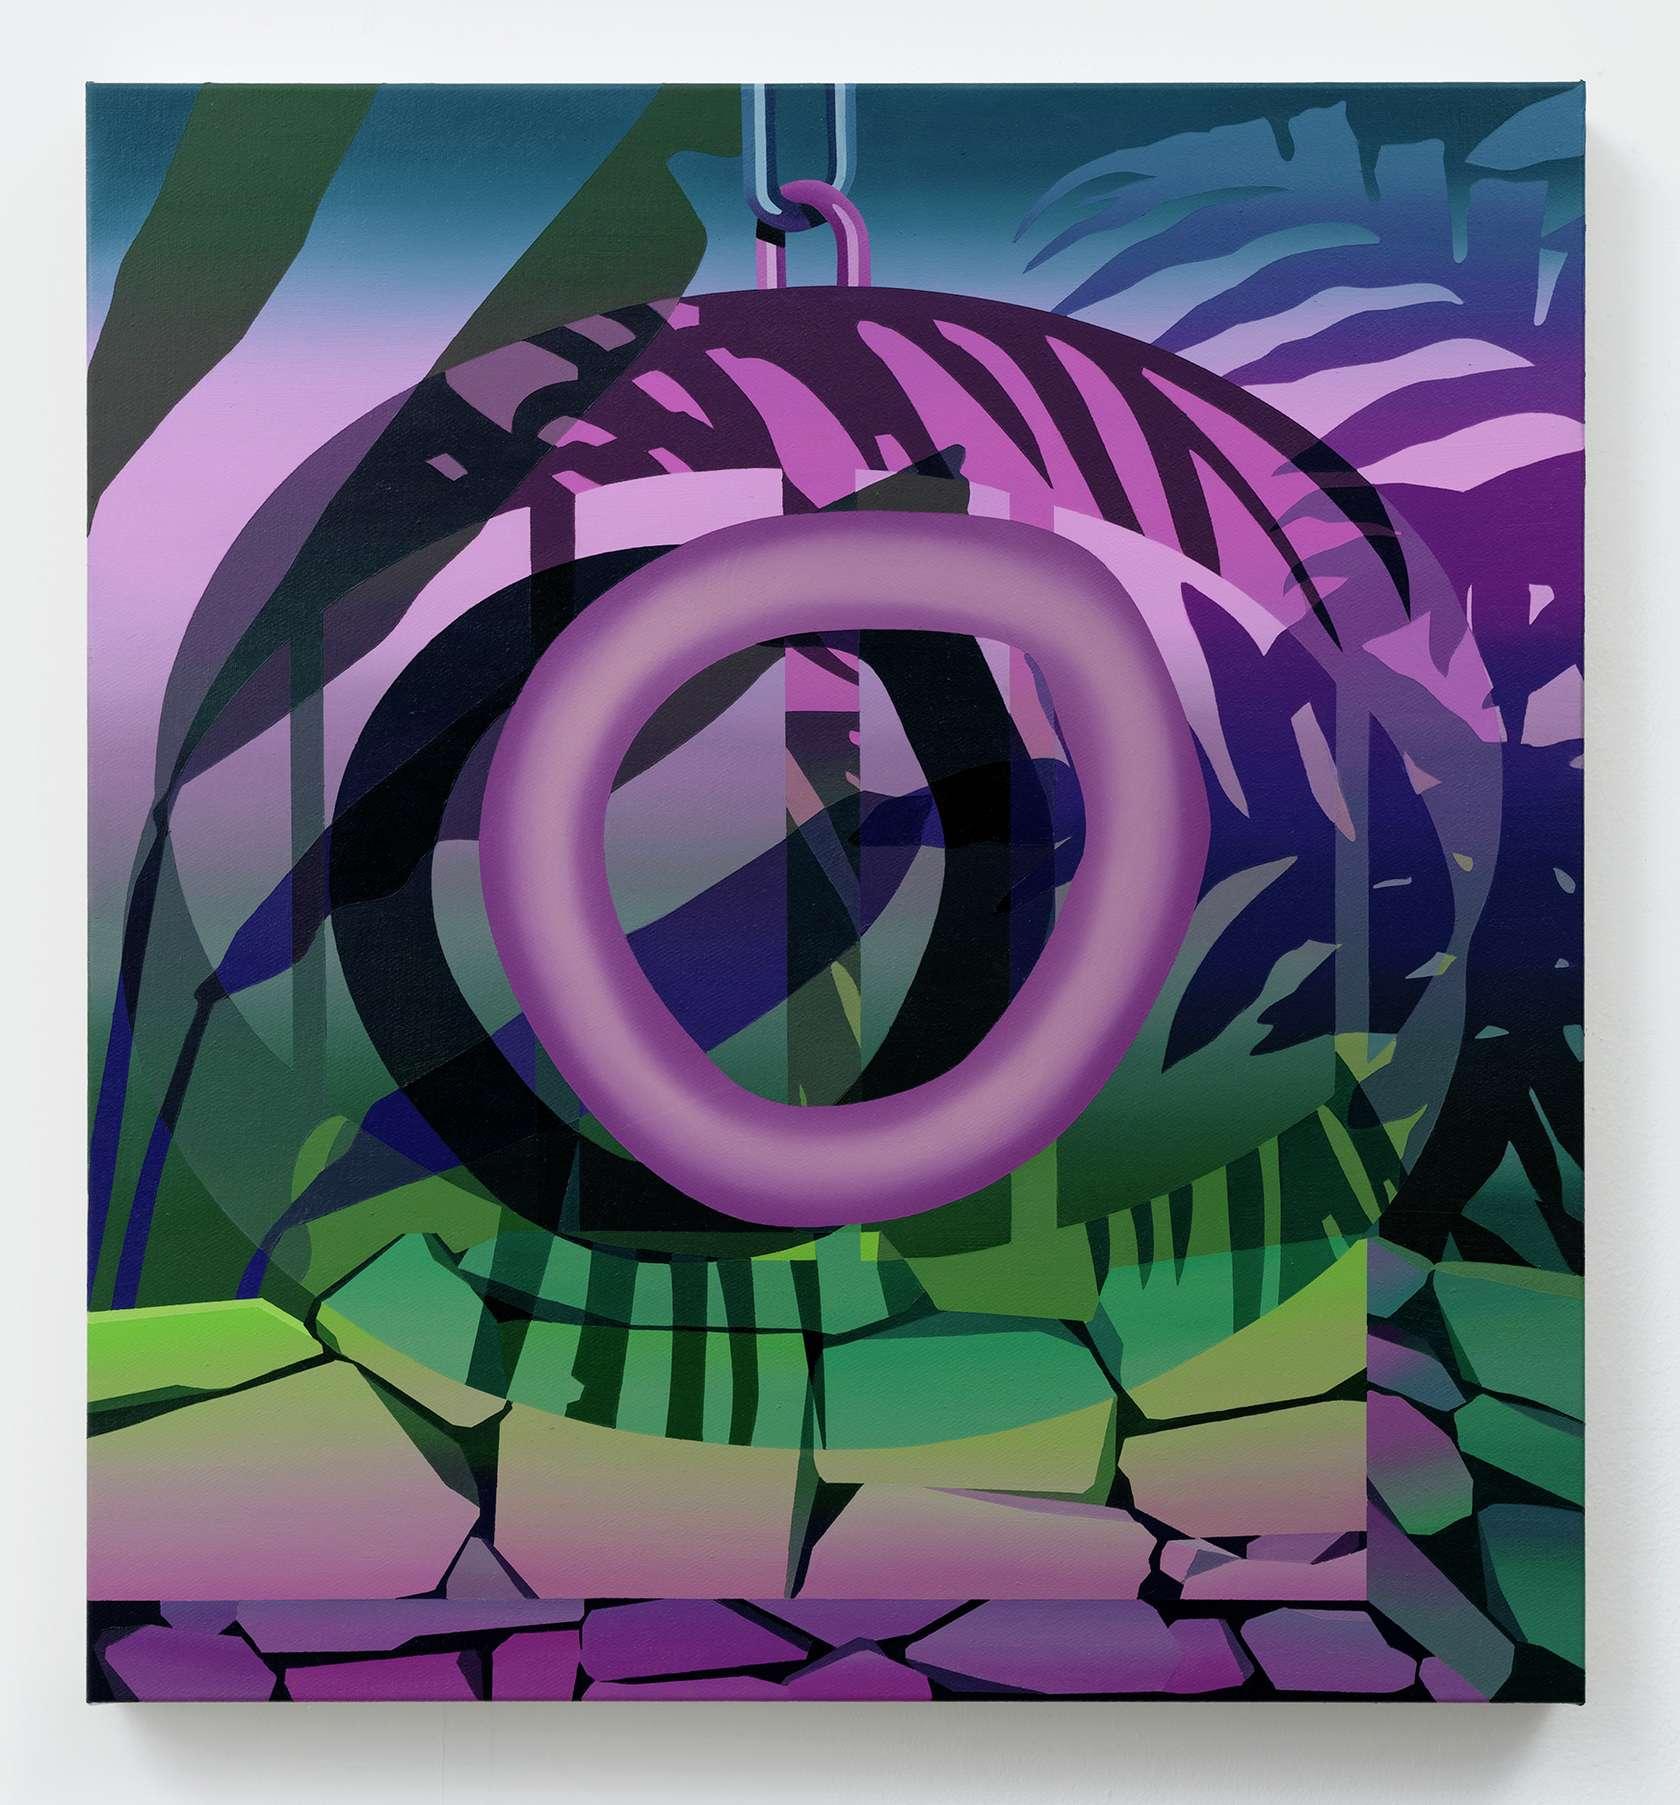 Amélie Bertrand, The Watcher I, 2020 Huile sur toile65 × 60 cm / 25 5/8 × 23 5/8 in.